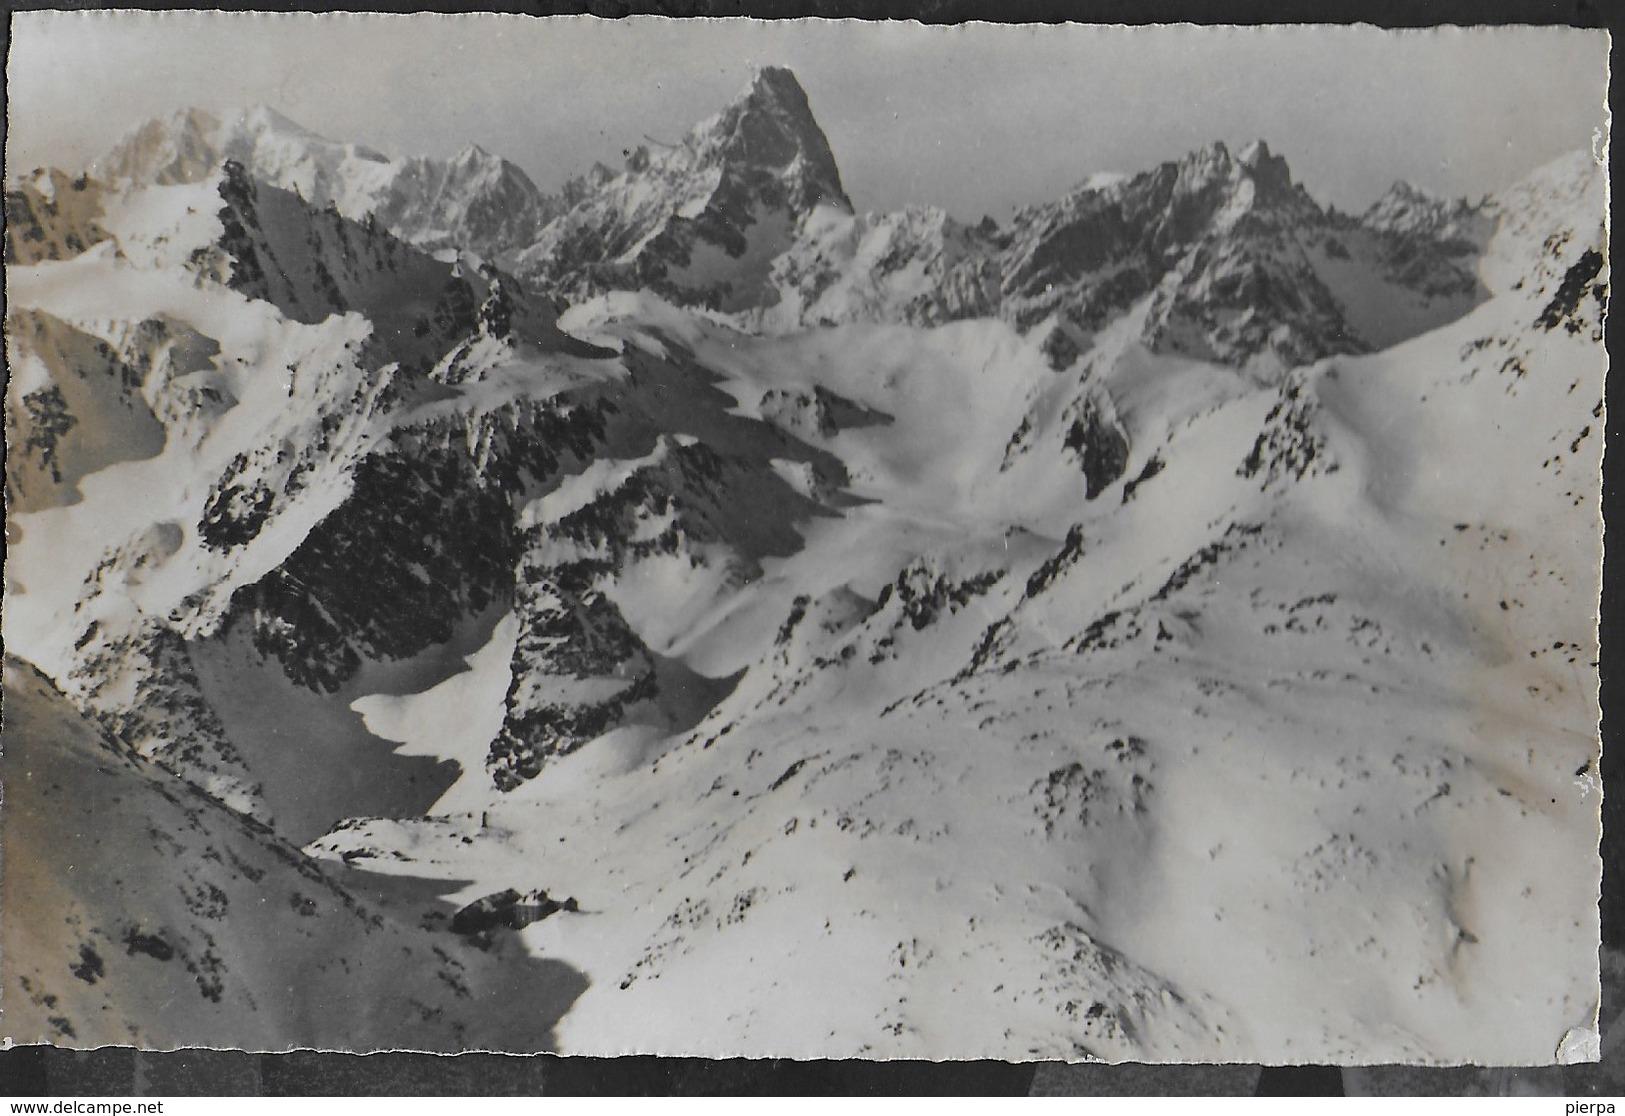 HOSPICE DI GRAND ST- BERNARD IN INVERNO - MONTE BIANCO E LE GRANDES JORASSES - EDIZ, SEAL 1939 - FORMATO PICCOLO - Alpinisme